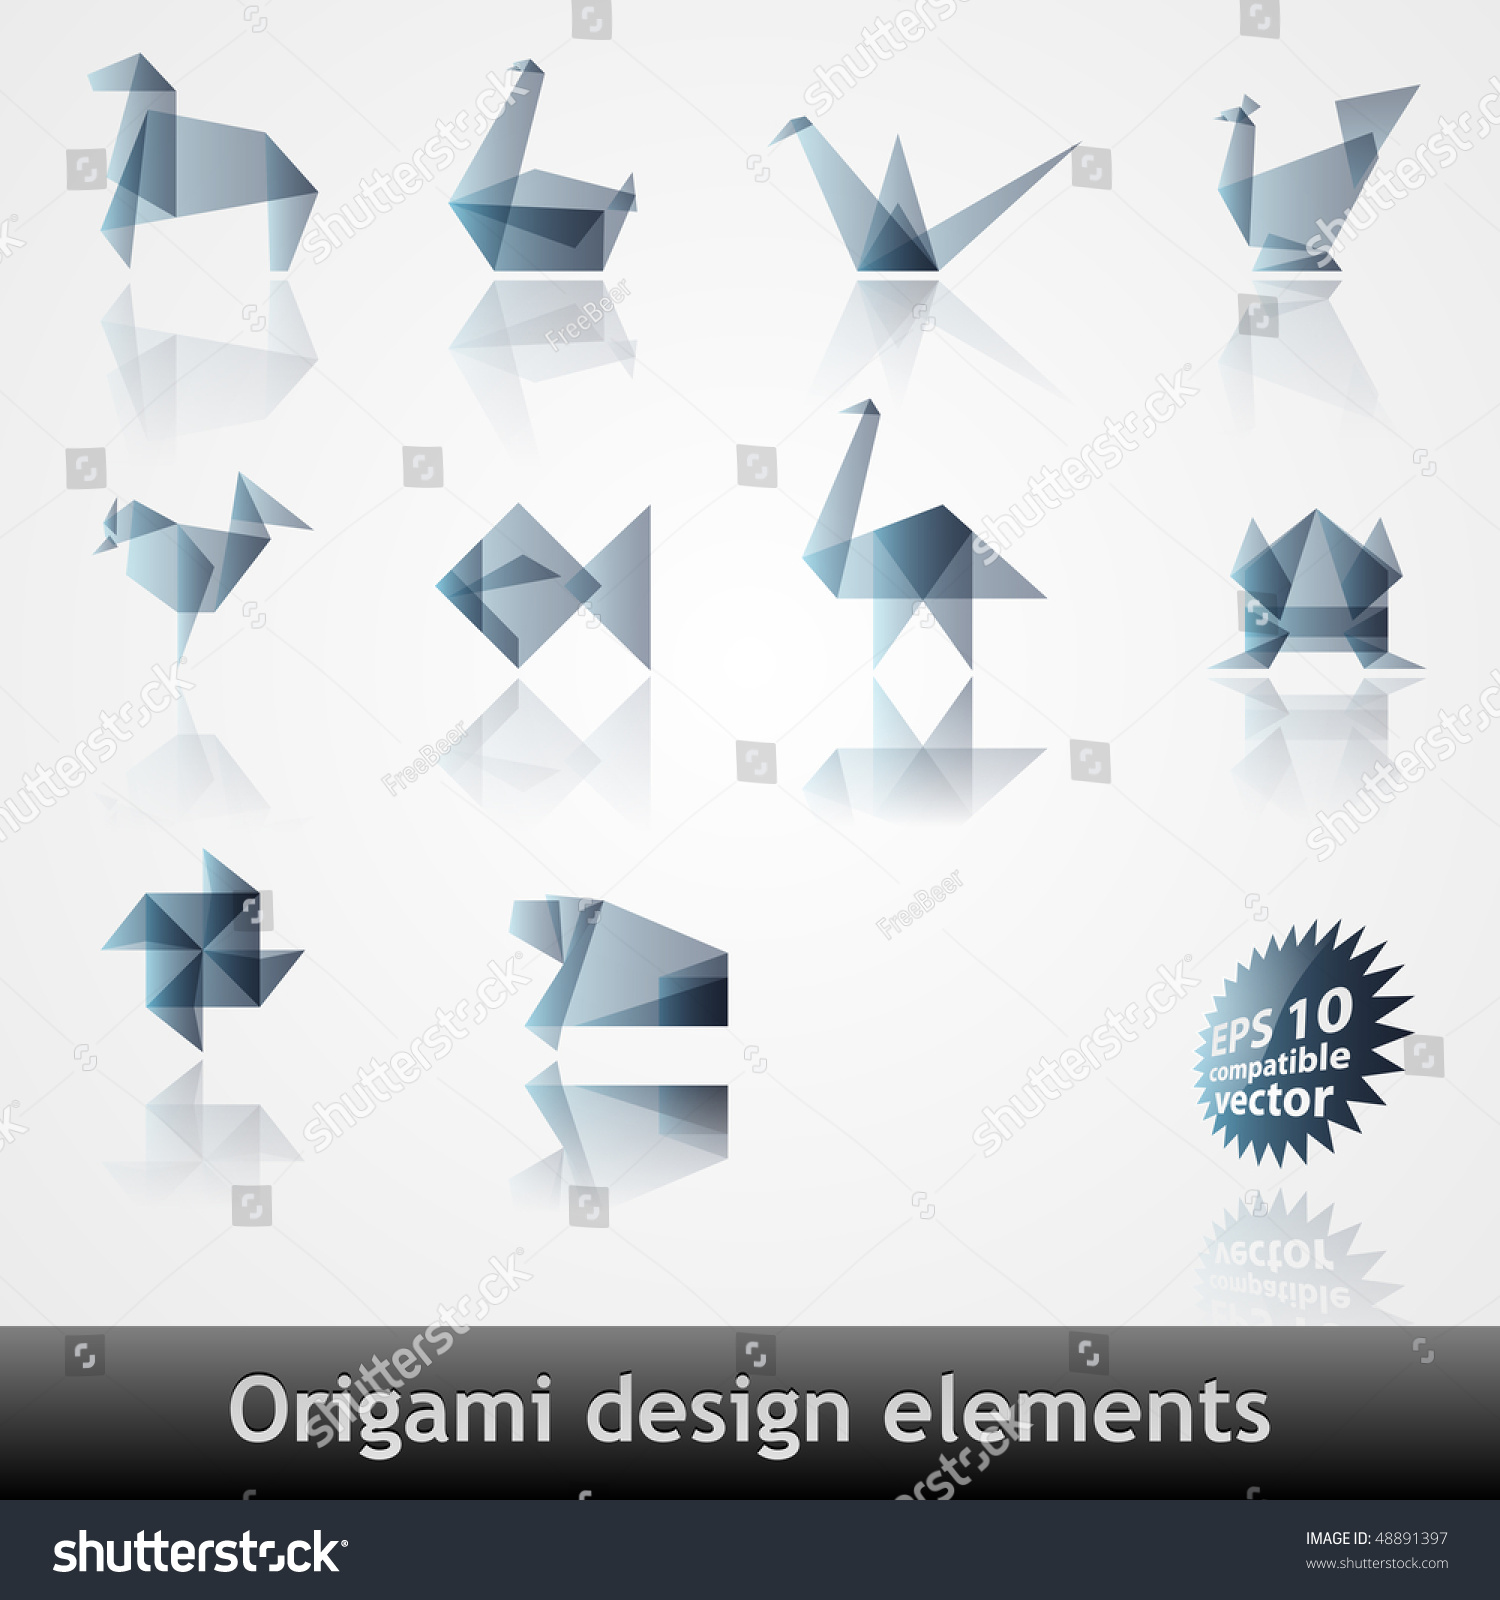 折纸设计元素eps10兼容向量-物体,插图/剪贴图-海洛()